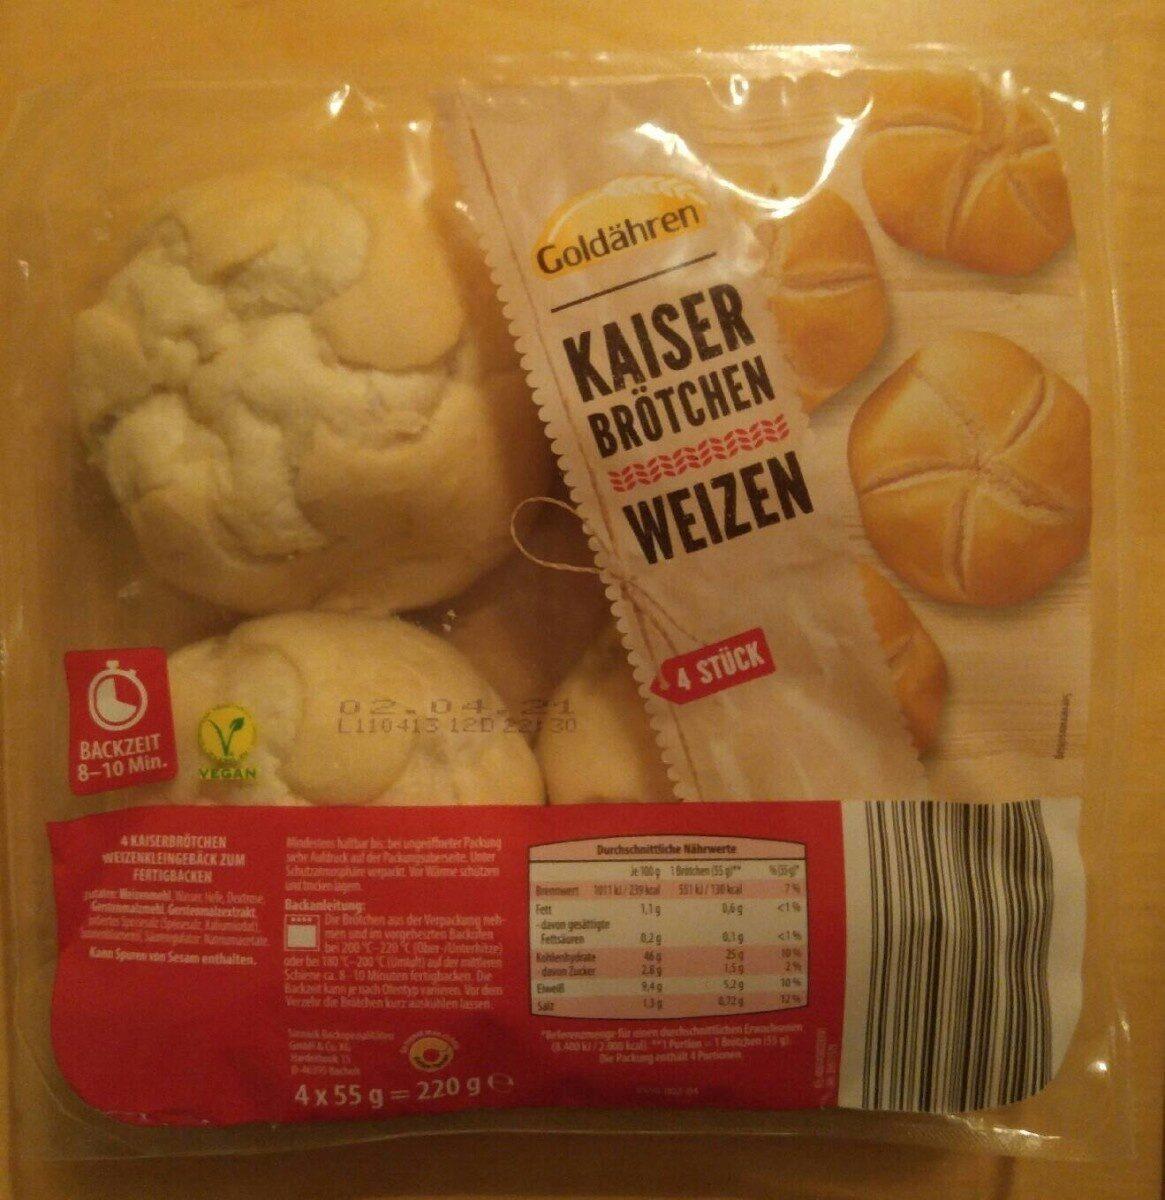 Kaiser Brötchen Weizen - Product - de